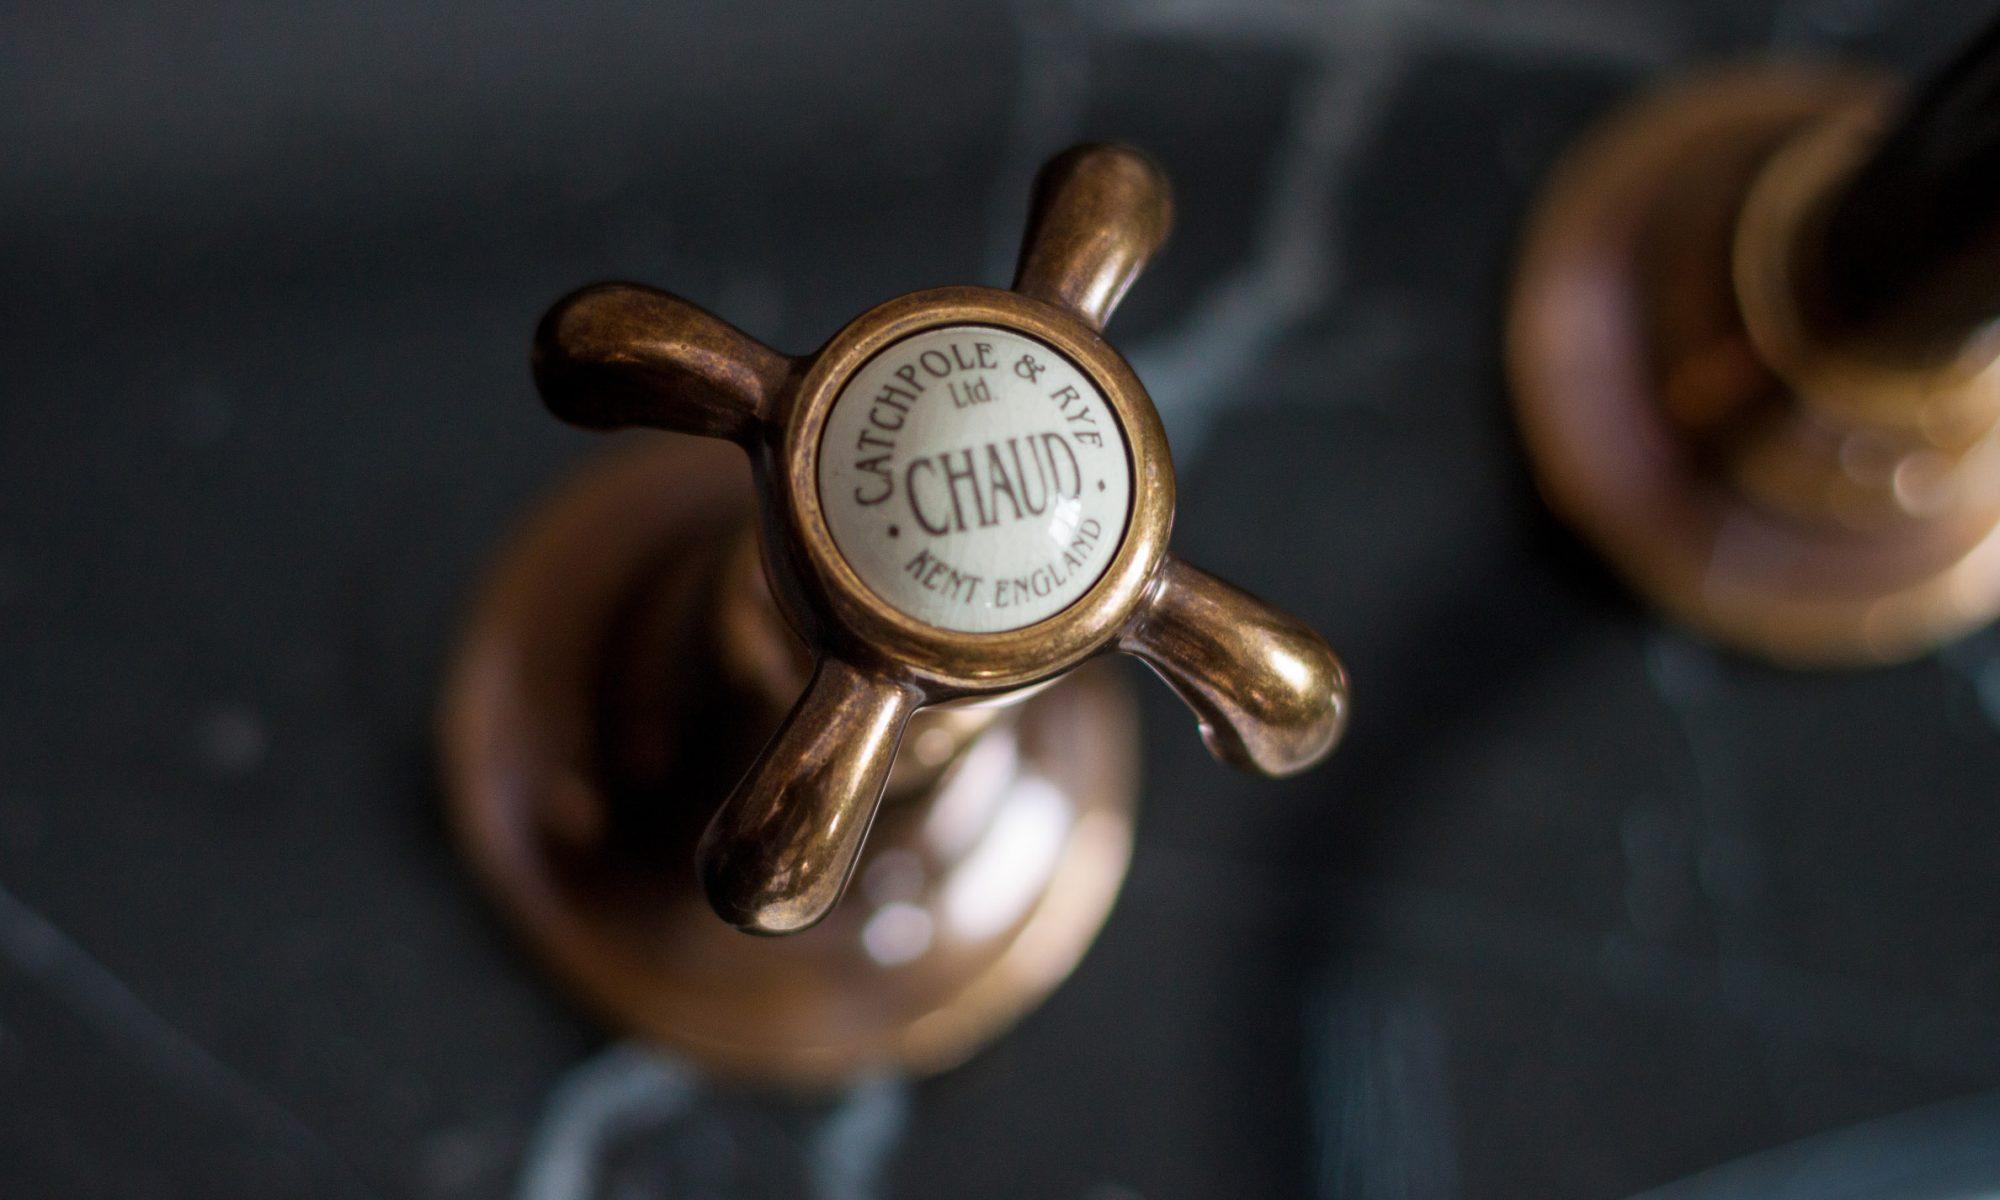 La Loire Three Hole Taphead in Antiqued Brass, from £450 plus vat, Catchpole & Rye catchpoleandrye.com